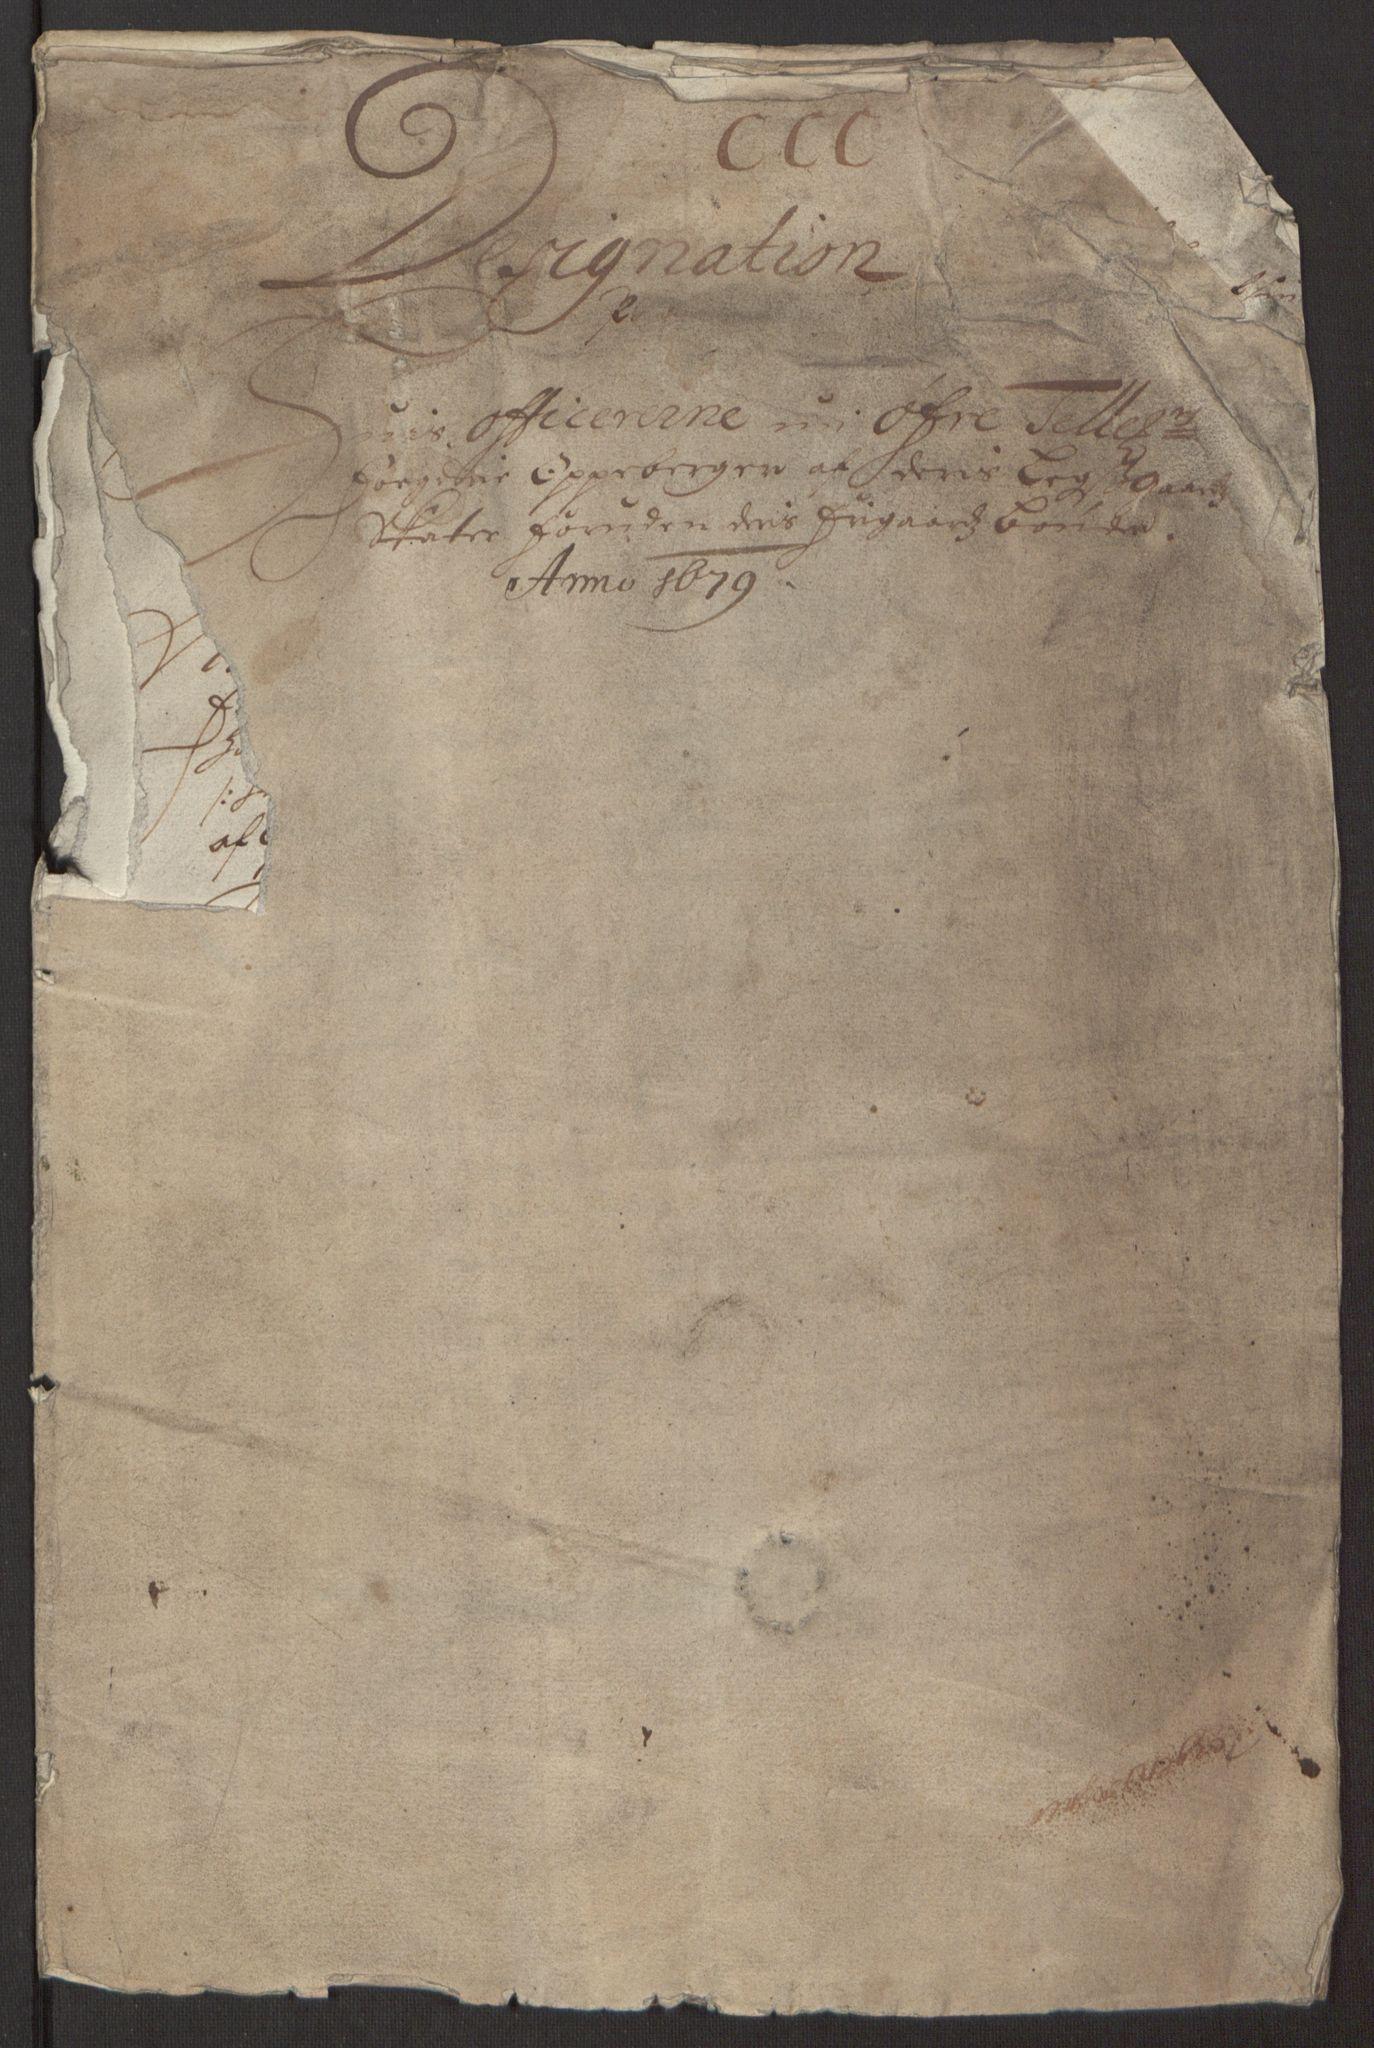 RA, Rentekammeret inntil 1814, Reviderte regnskaper, Fogderegnskap, R35/L2074: Fogderegnskap Øvre og Nedre Telemark, 1679, s. 163